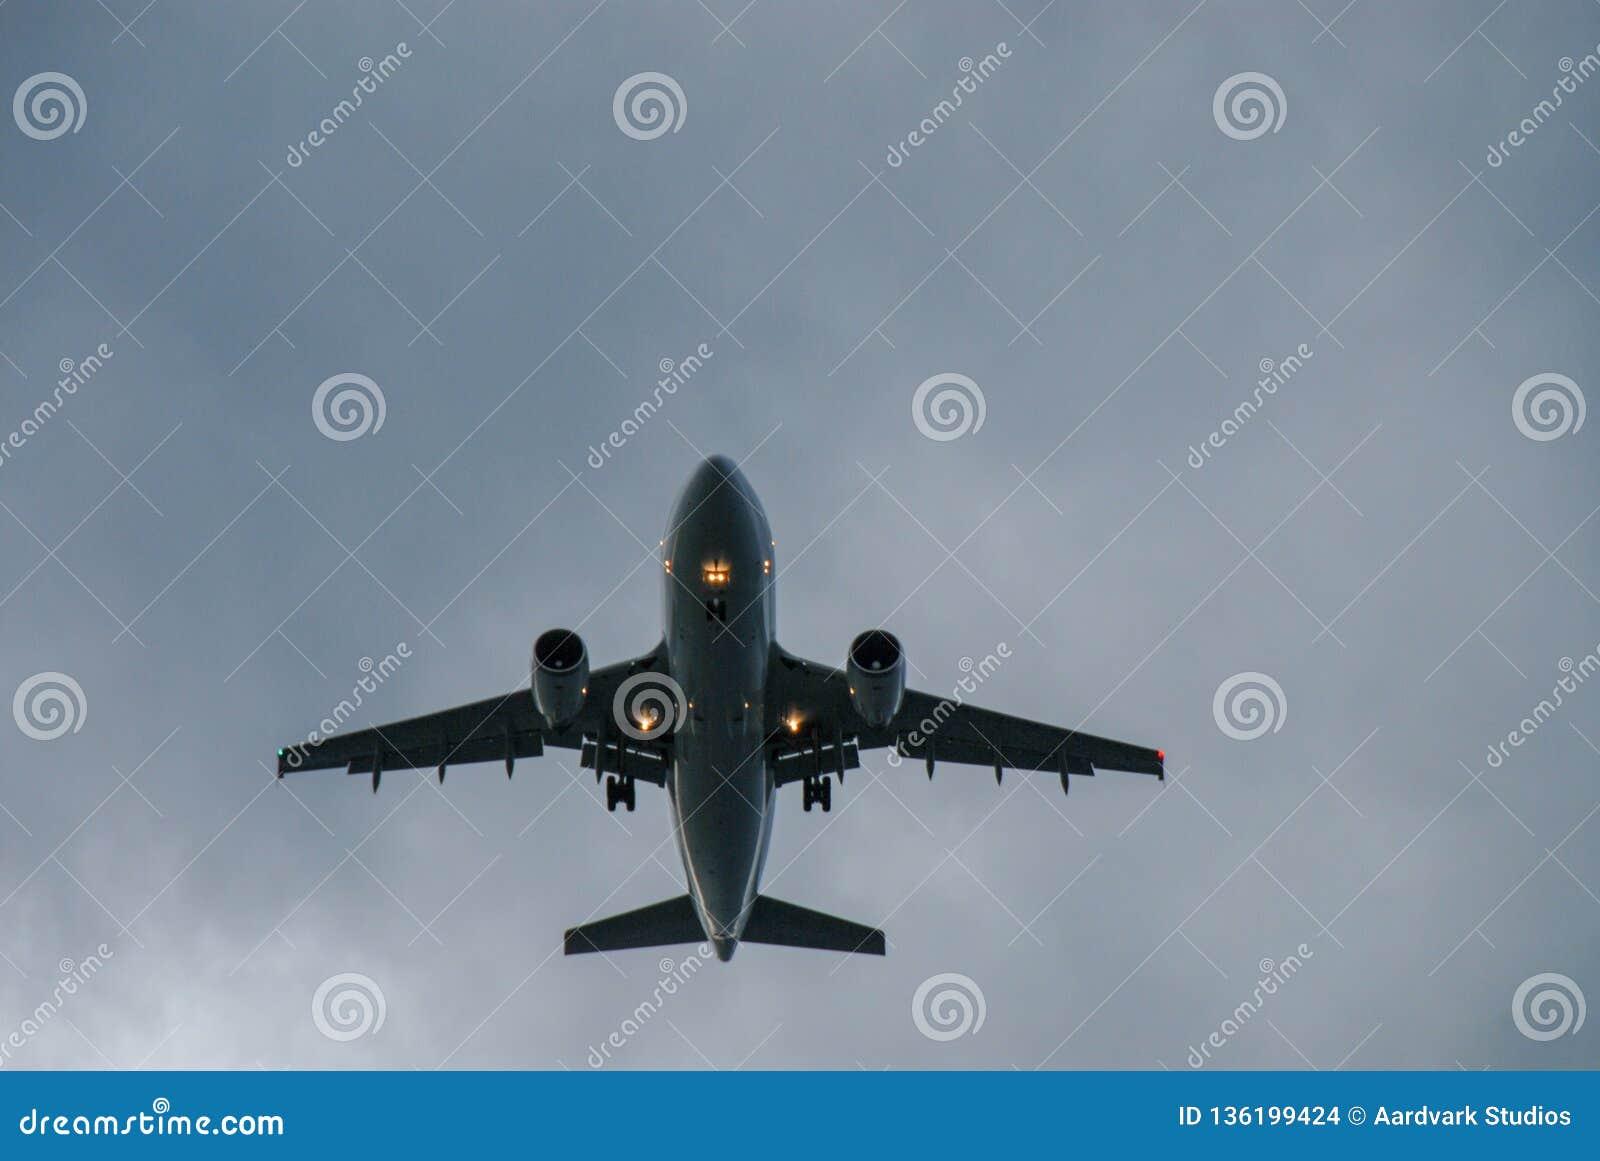 Comercial-Flugzeug, das am Abend sich entfernt